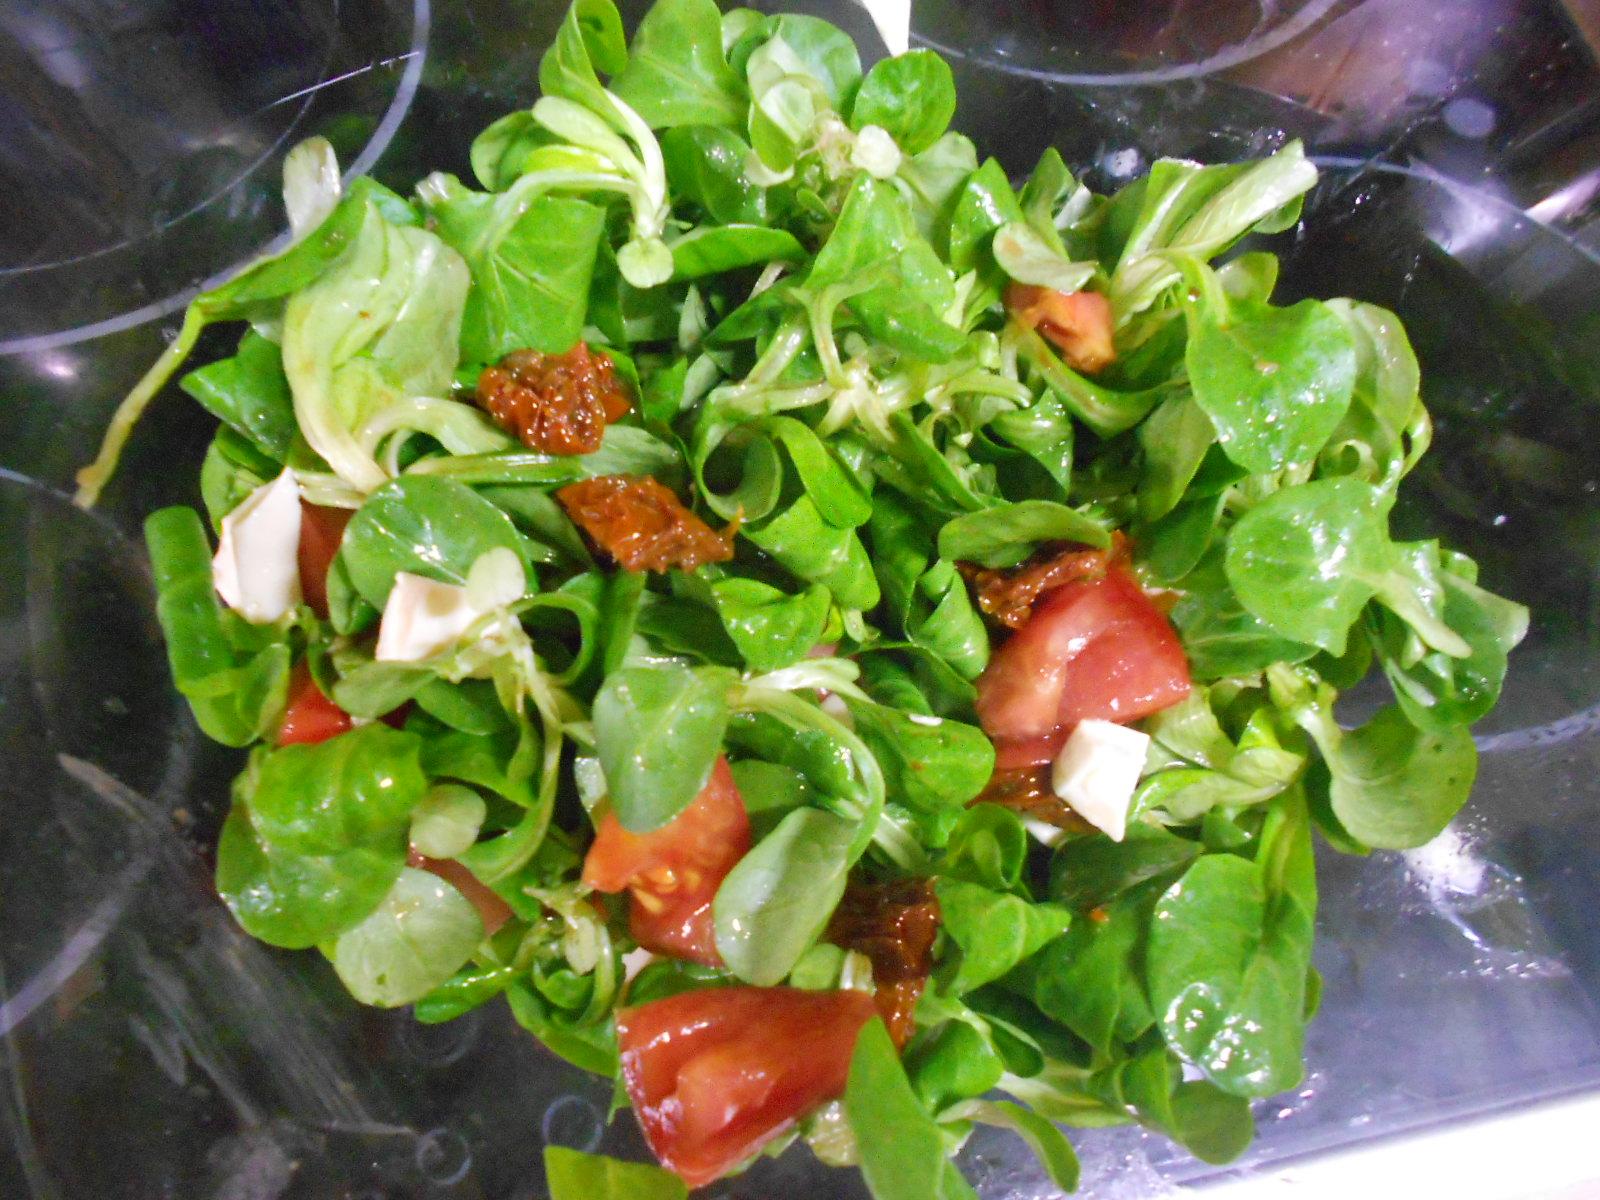 Ro cocina ensalada de can nigos y tomates con vinagreta - Ensaladas con canonigos ...